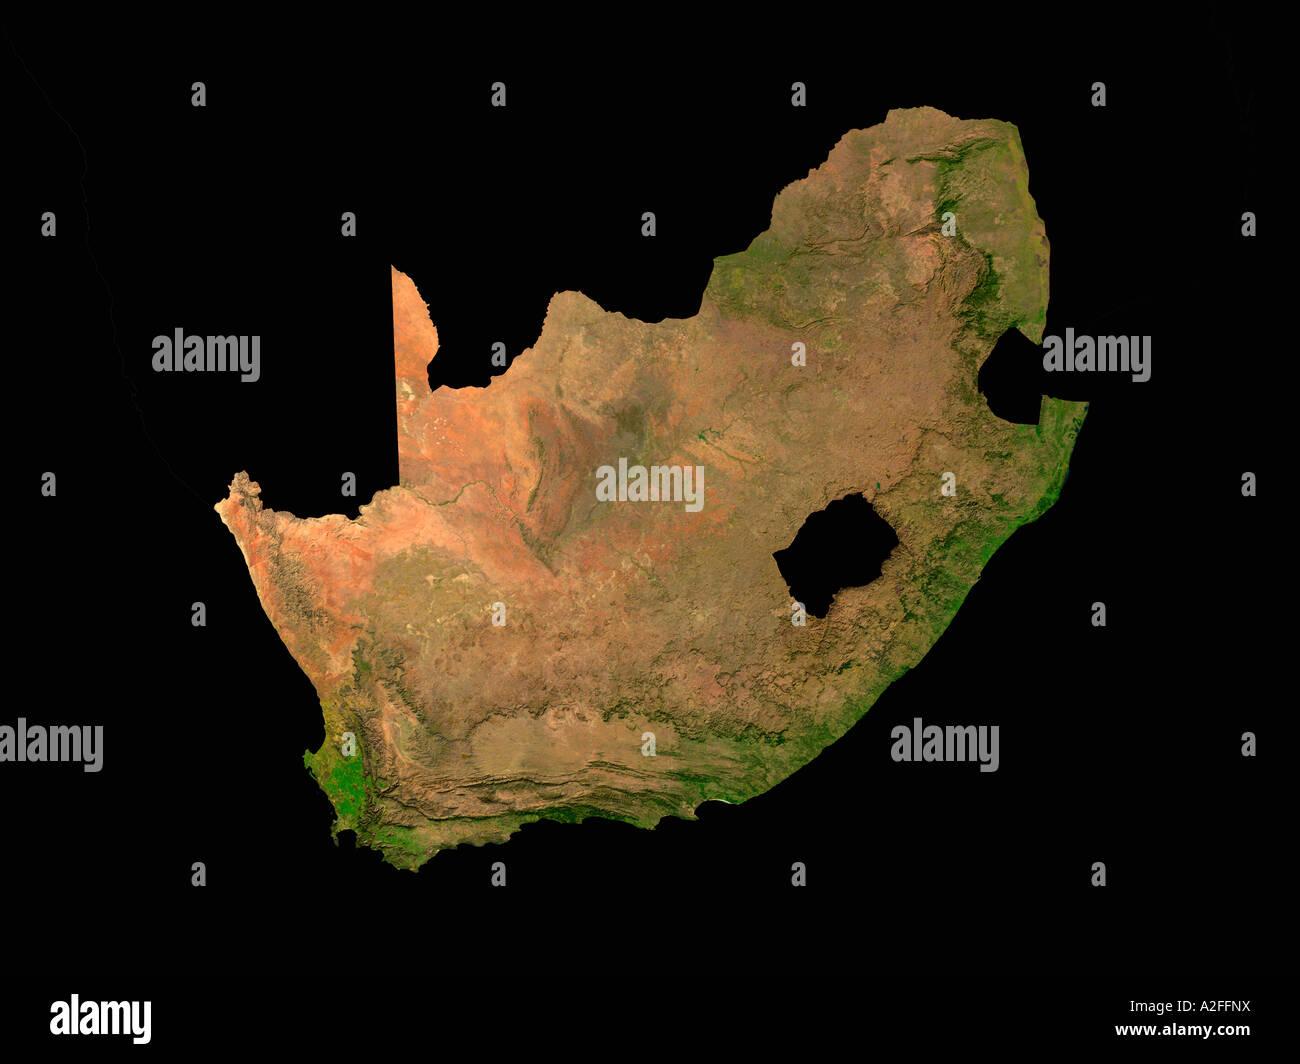 Carte Satellite Afrique Du Sud.A Mis En Relief Image Satellite De Republique D Afrique Du